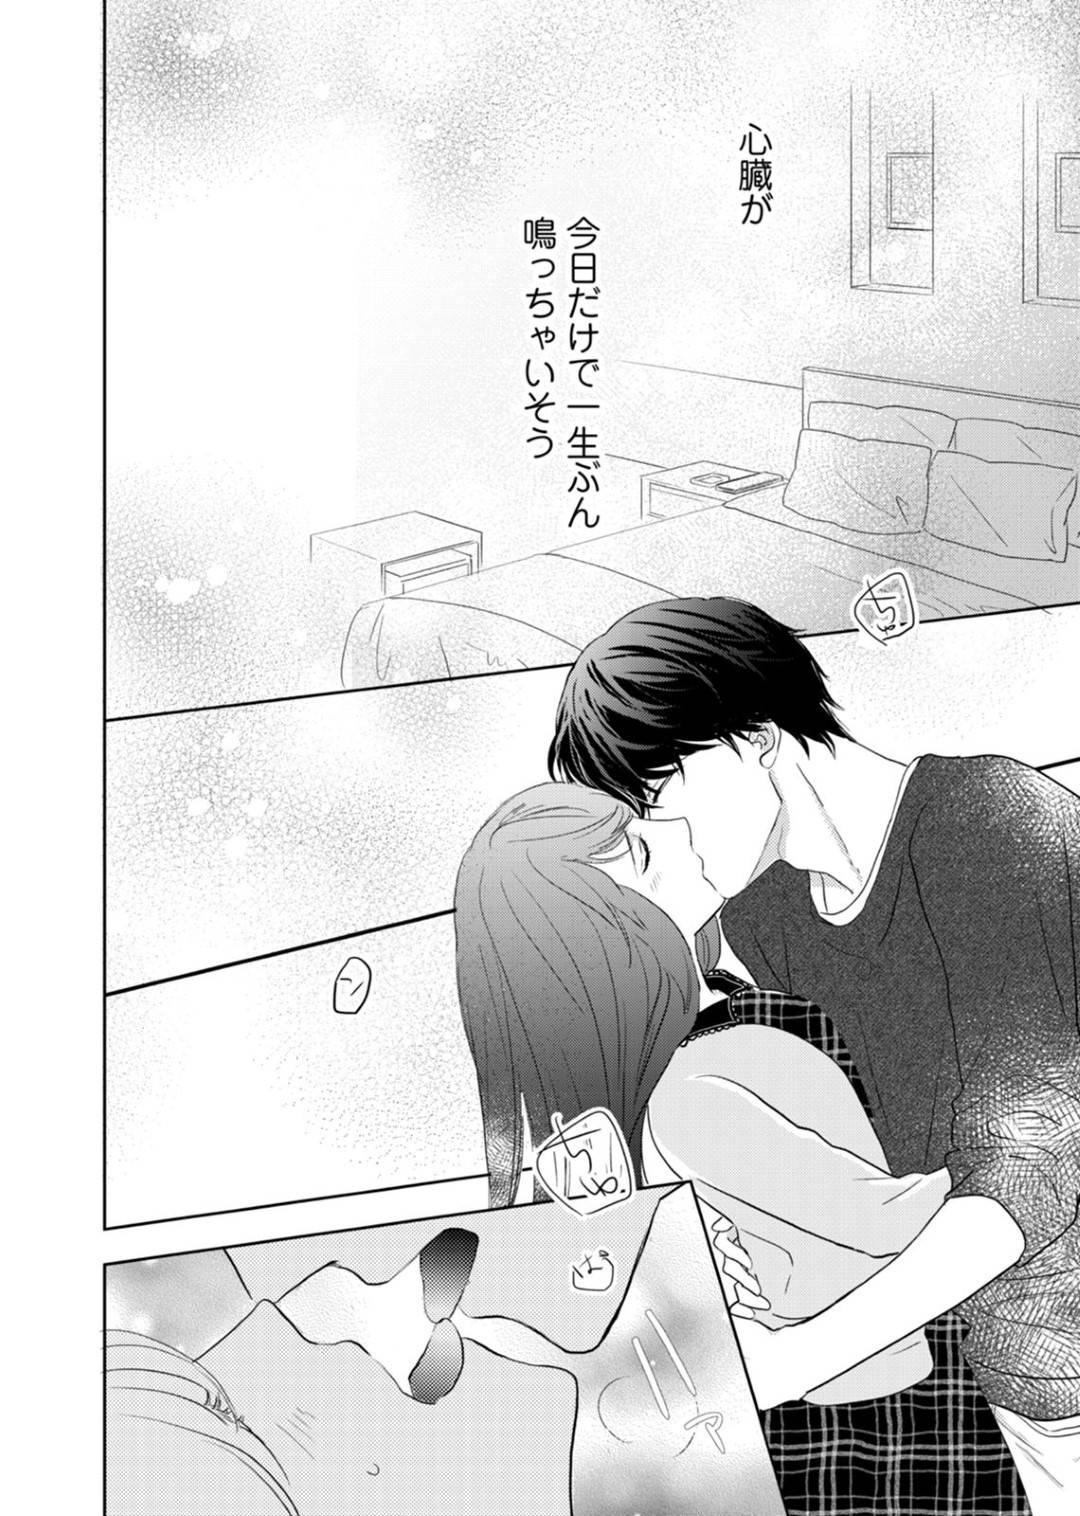 【エロ漫画】数日ぶりに憧れだった元教師と再会したスレンダーお姉さん。なんだかんだ彼とホテルに入る事になった彼女は彼にされるがままに正常位でチンポを挿入されて感じまくる。